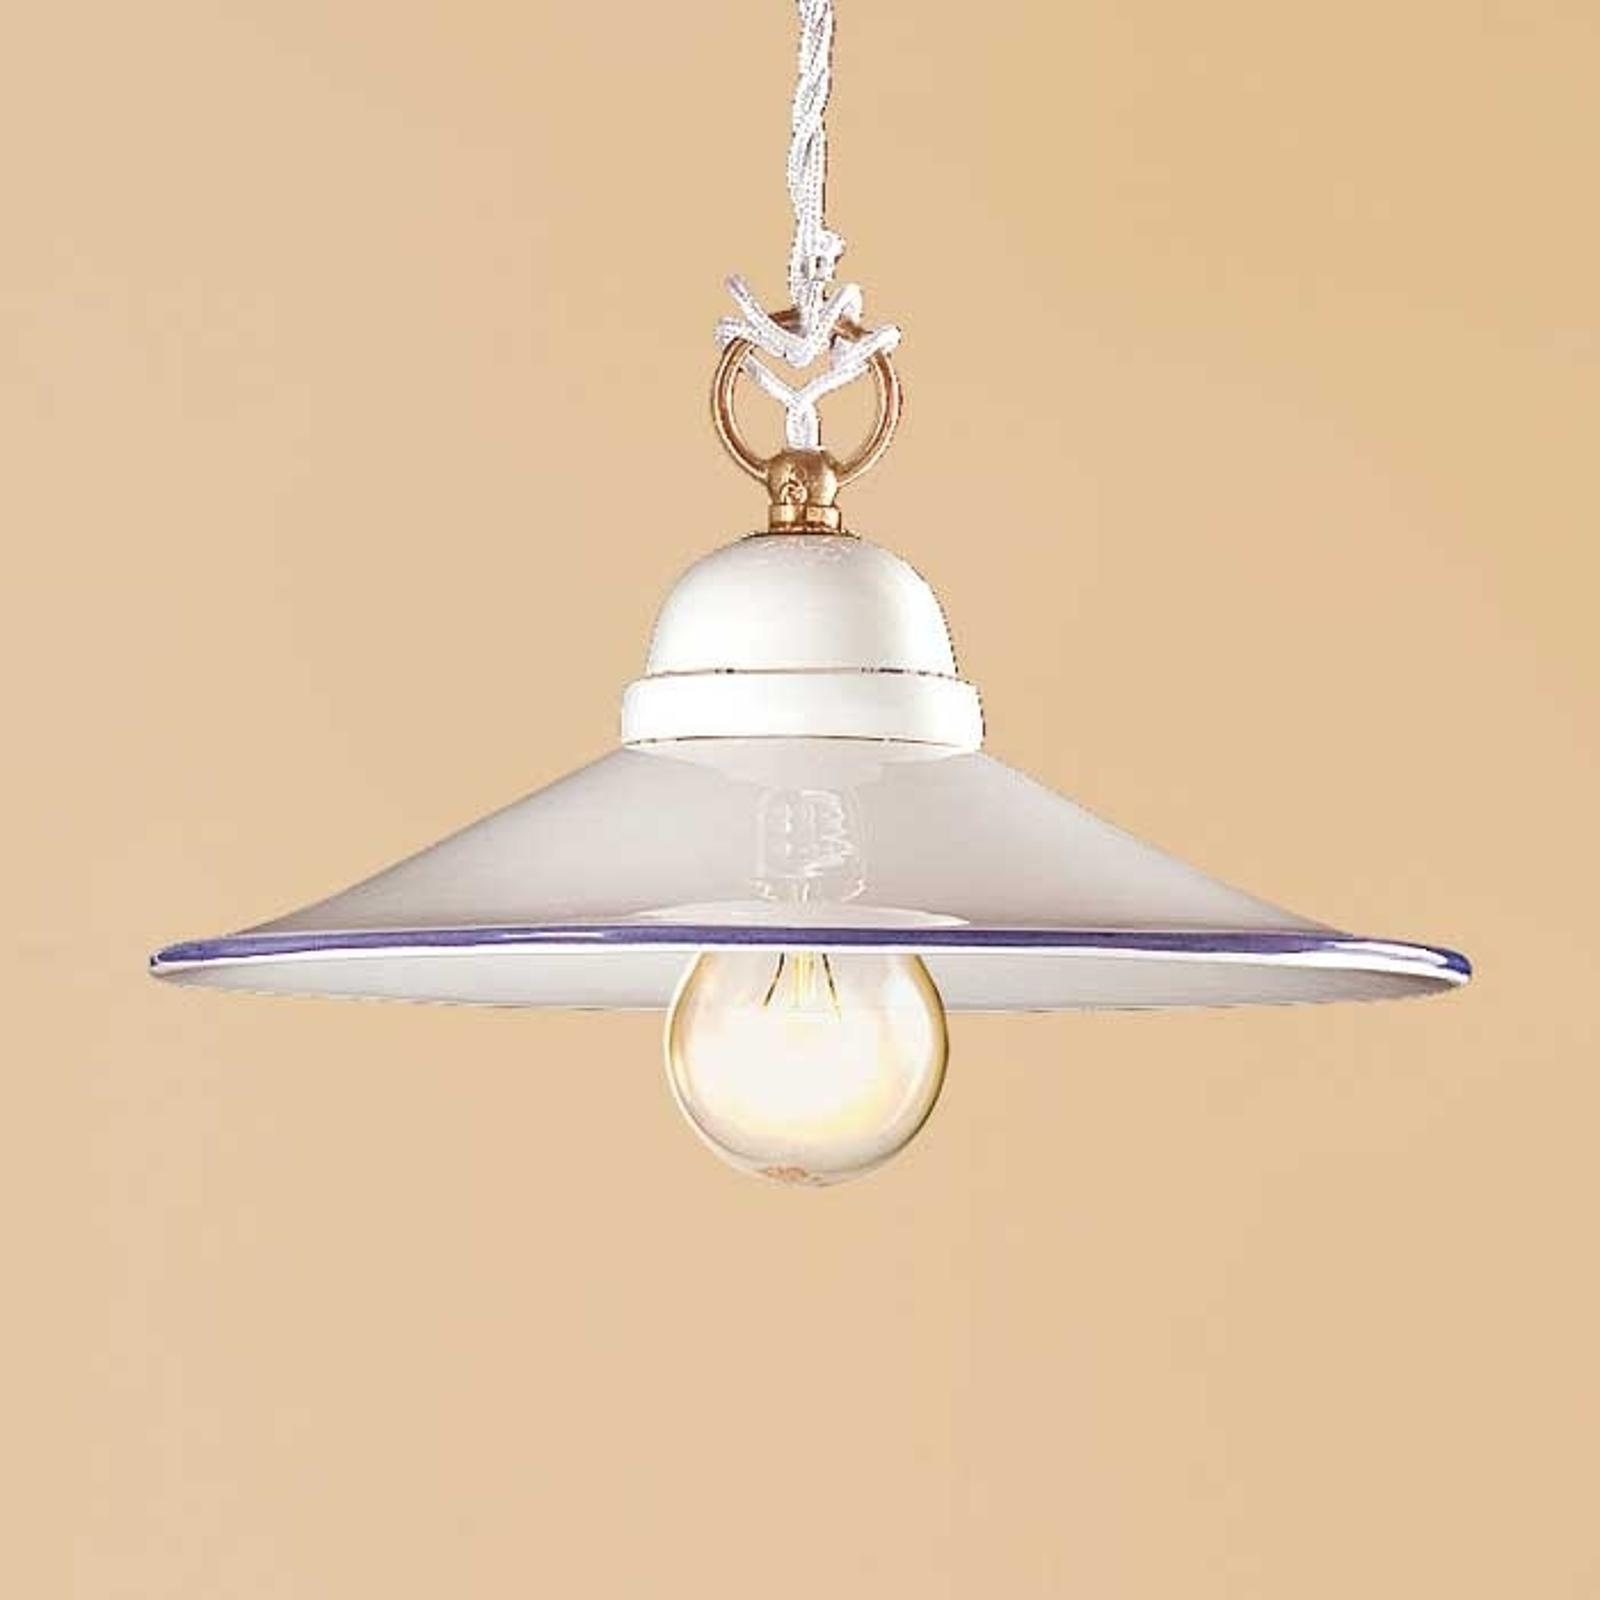 Lampada a sospensione PIATTO di ceramica, 28 cm